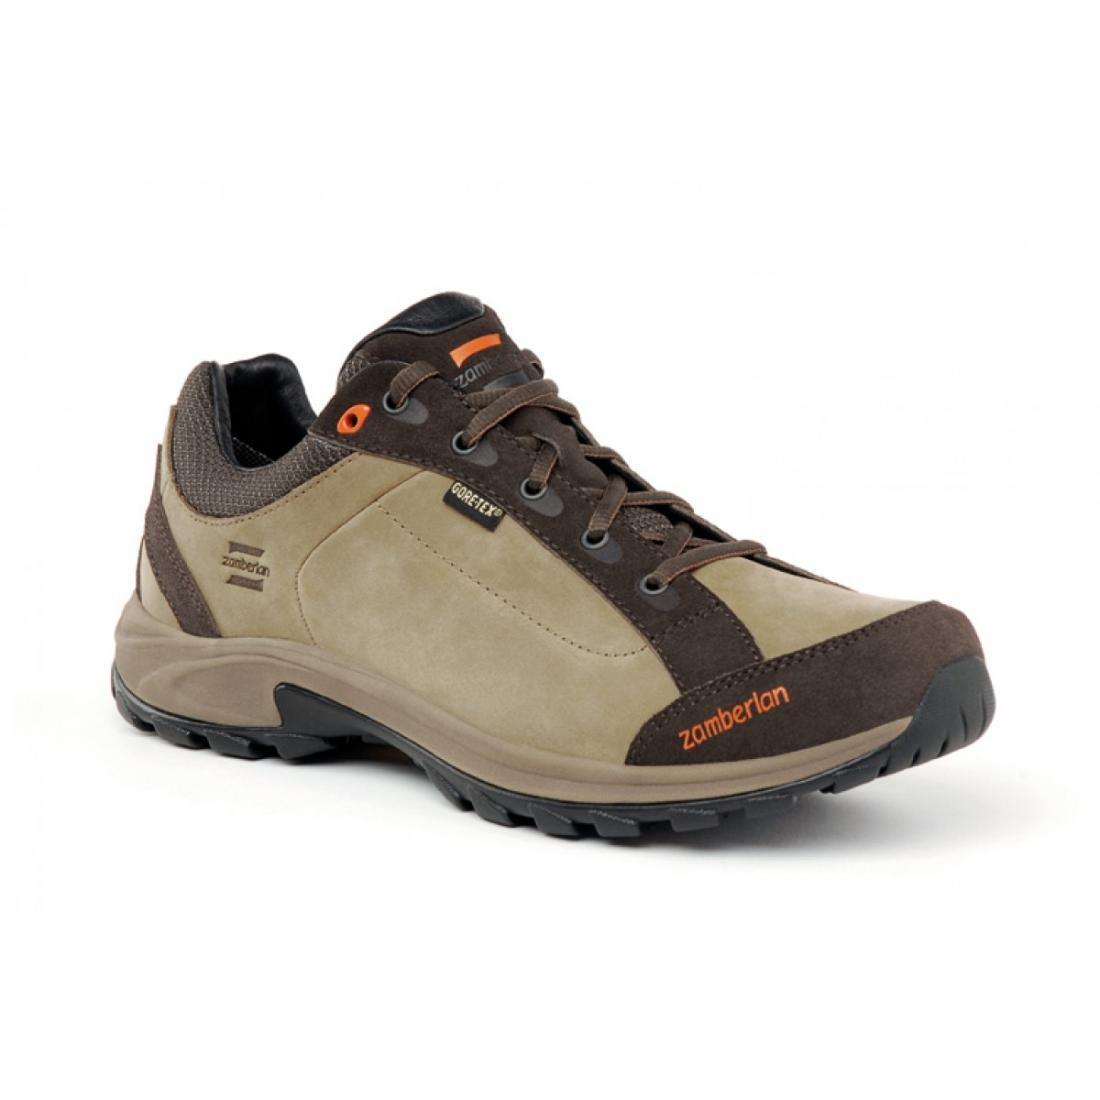 Ботинки 241 VISTA GTXТреккинговые<br><br><br>Цвет: Коричневый<br>Размер: 40.5